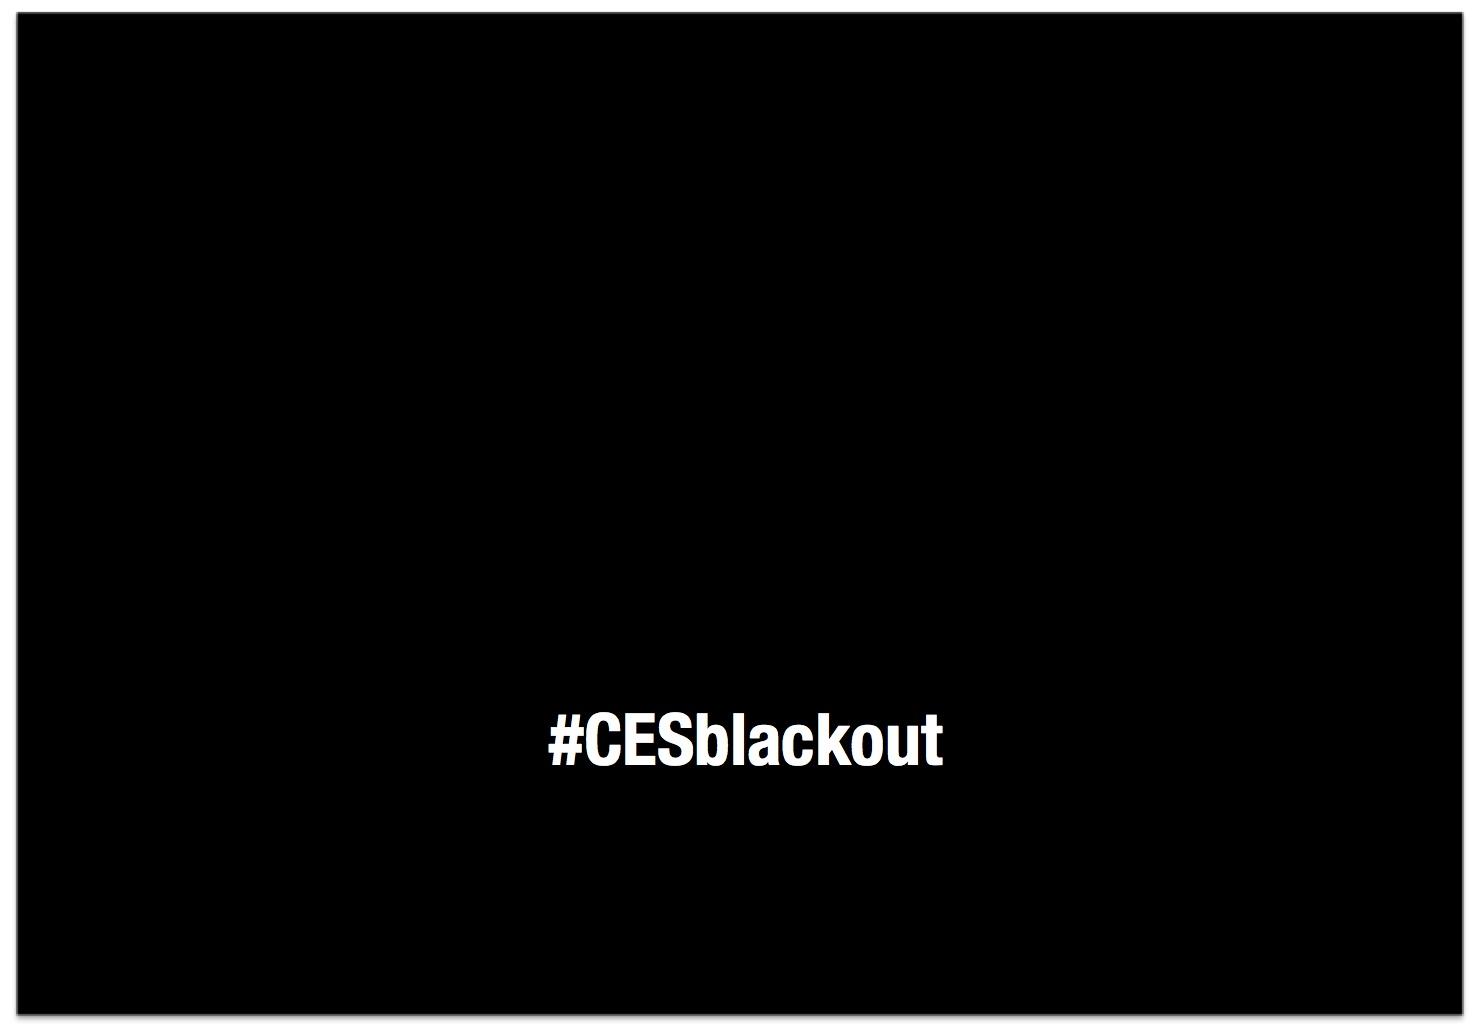 CES blackout.jpg